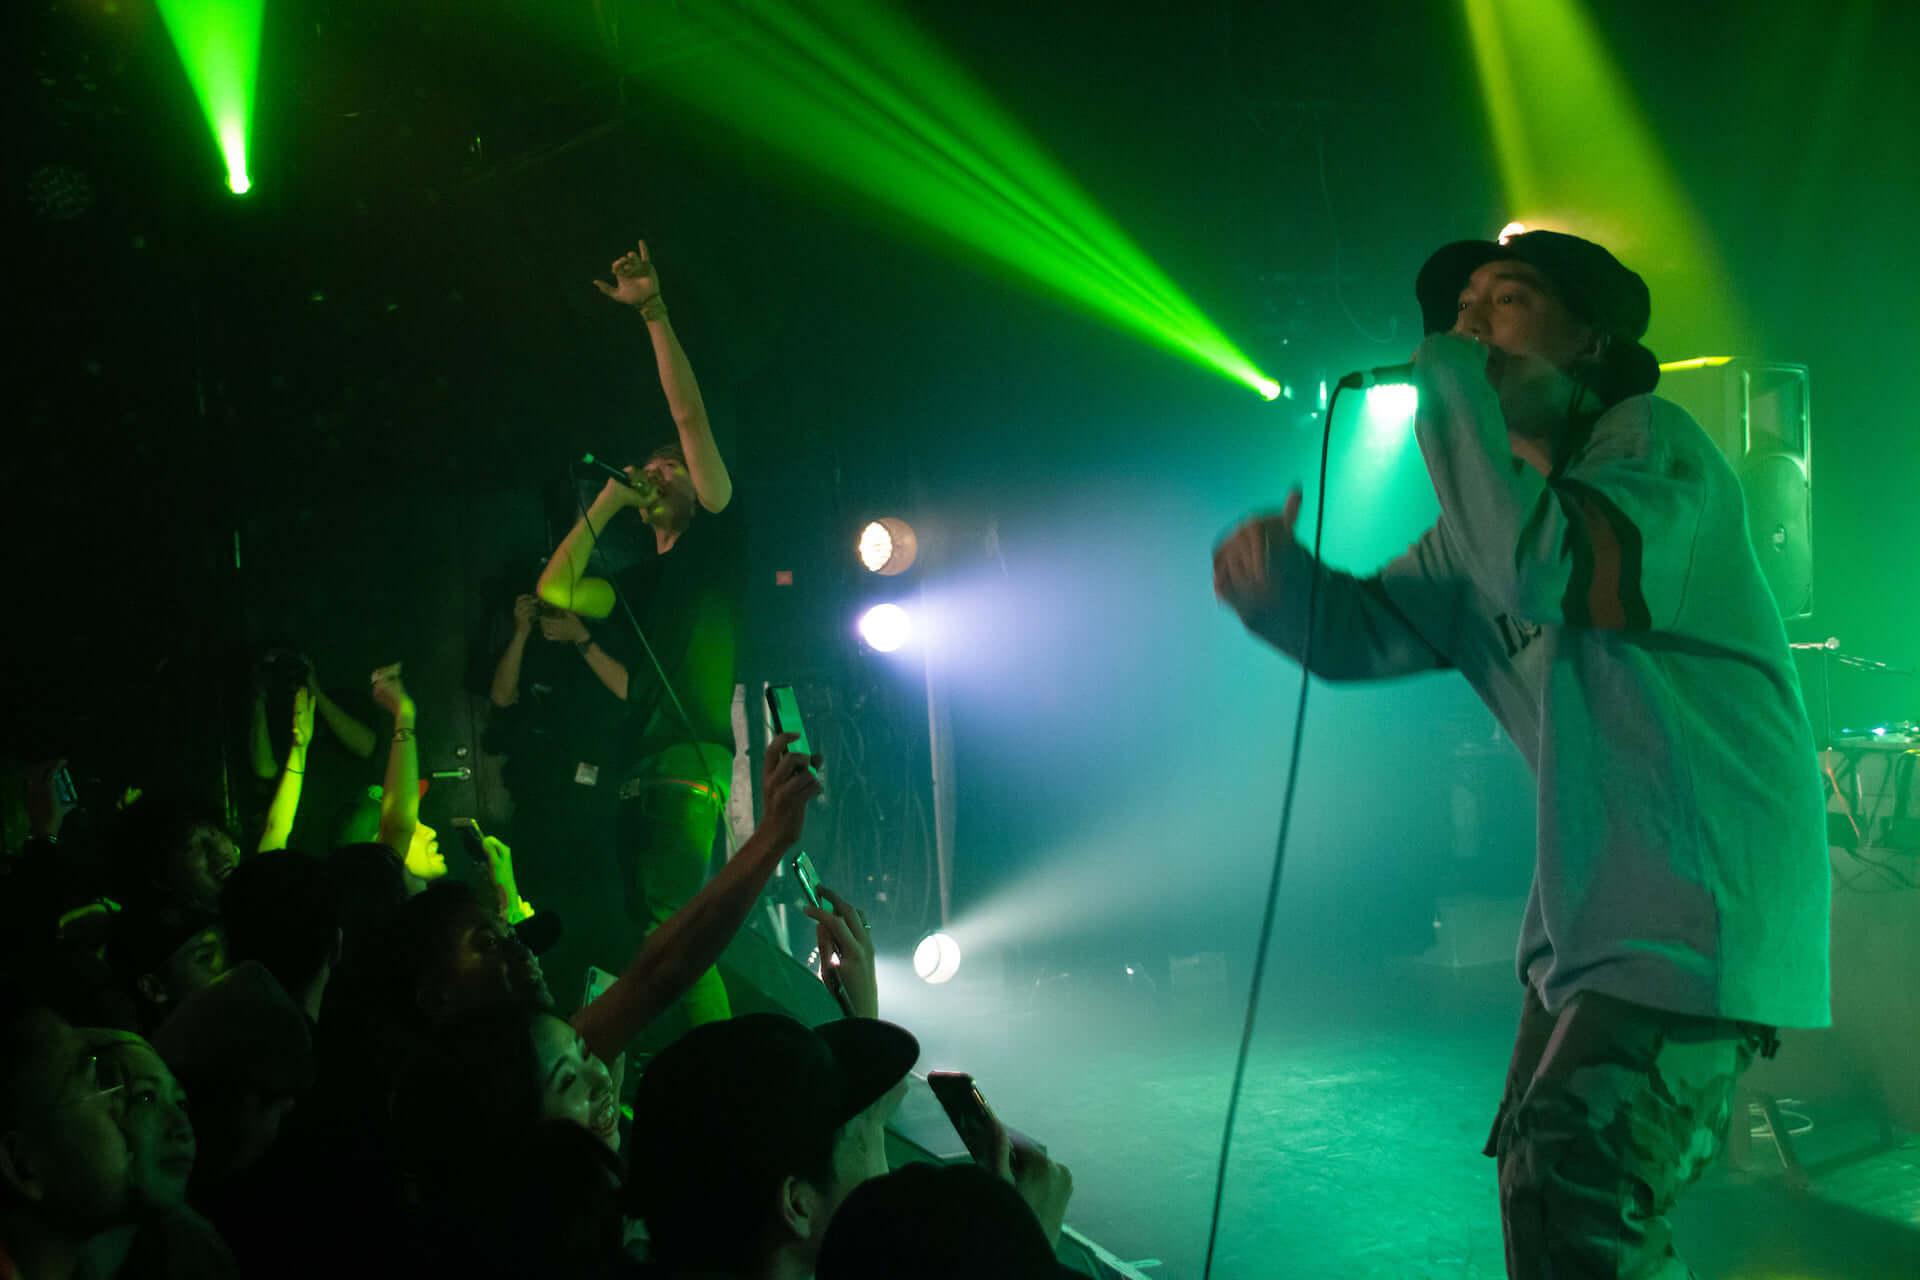 【レポート】BUPPON&¥ellow Bucksダブルリリースパーティー<Bla9 Marke2>で見えたヒップホップ・シーンの胎動 music190805_bla9marke2_14.jpg-1920x1280